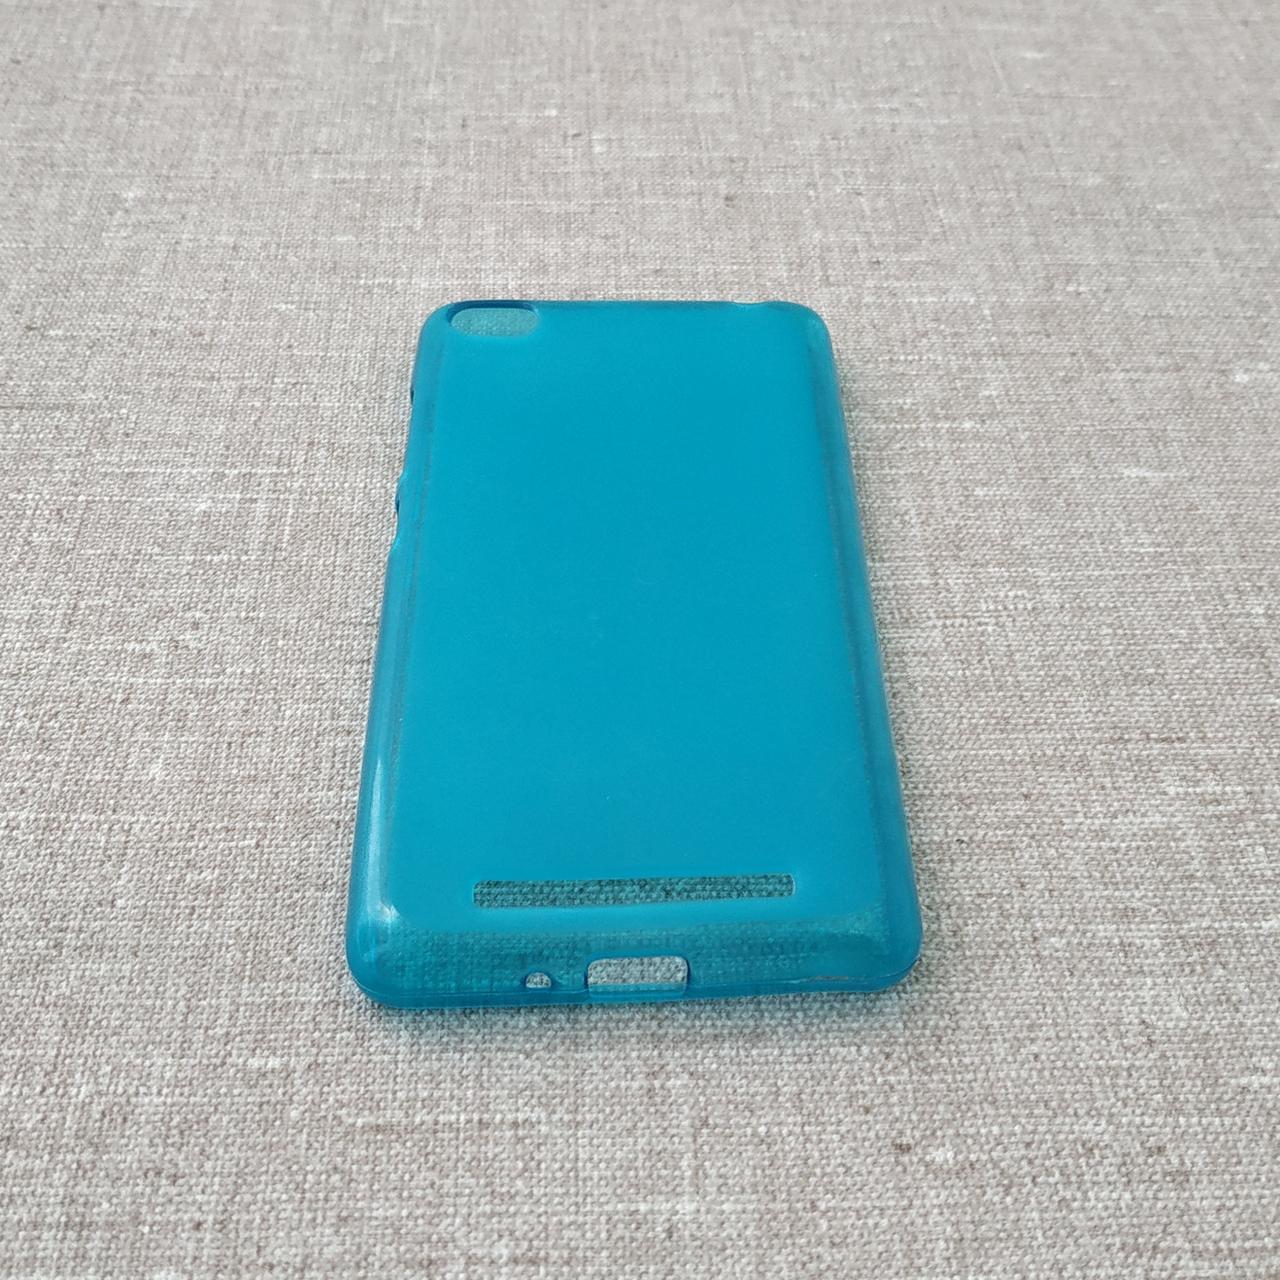 Чехол TPU Xiaomi Redmi 3 blue Для телефона